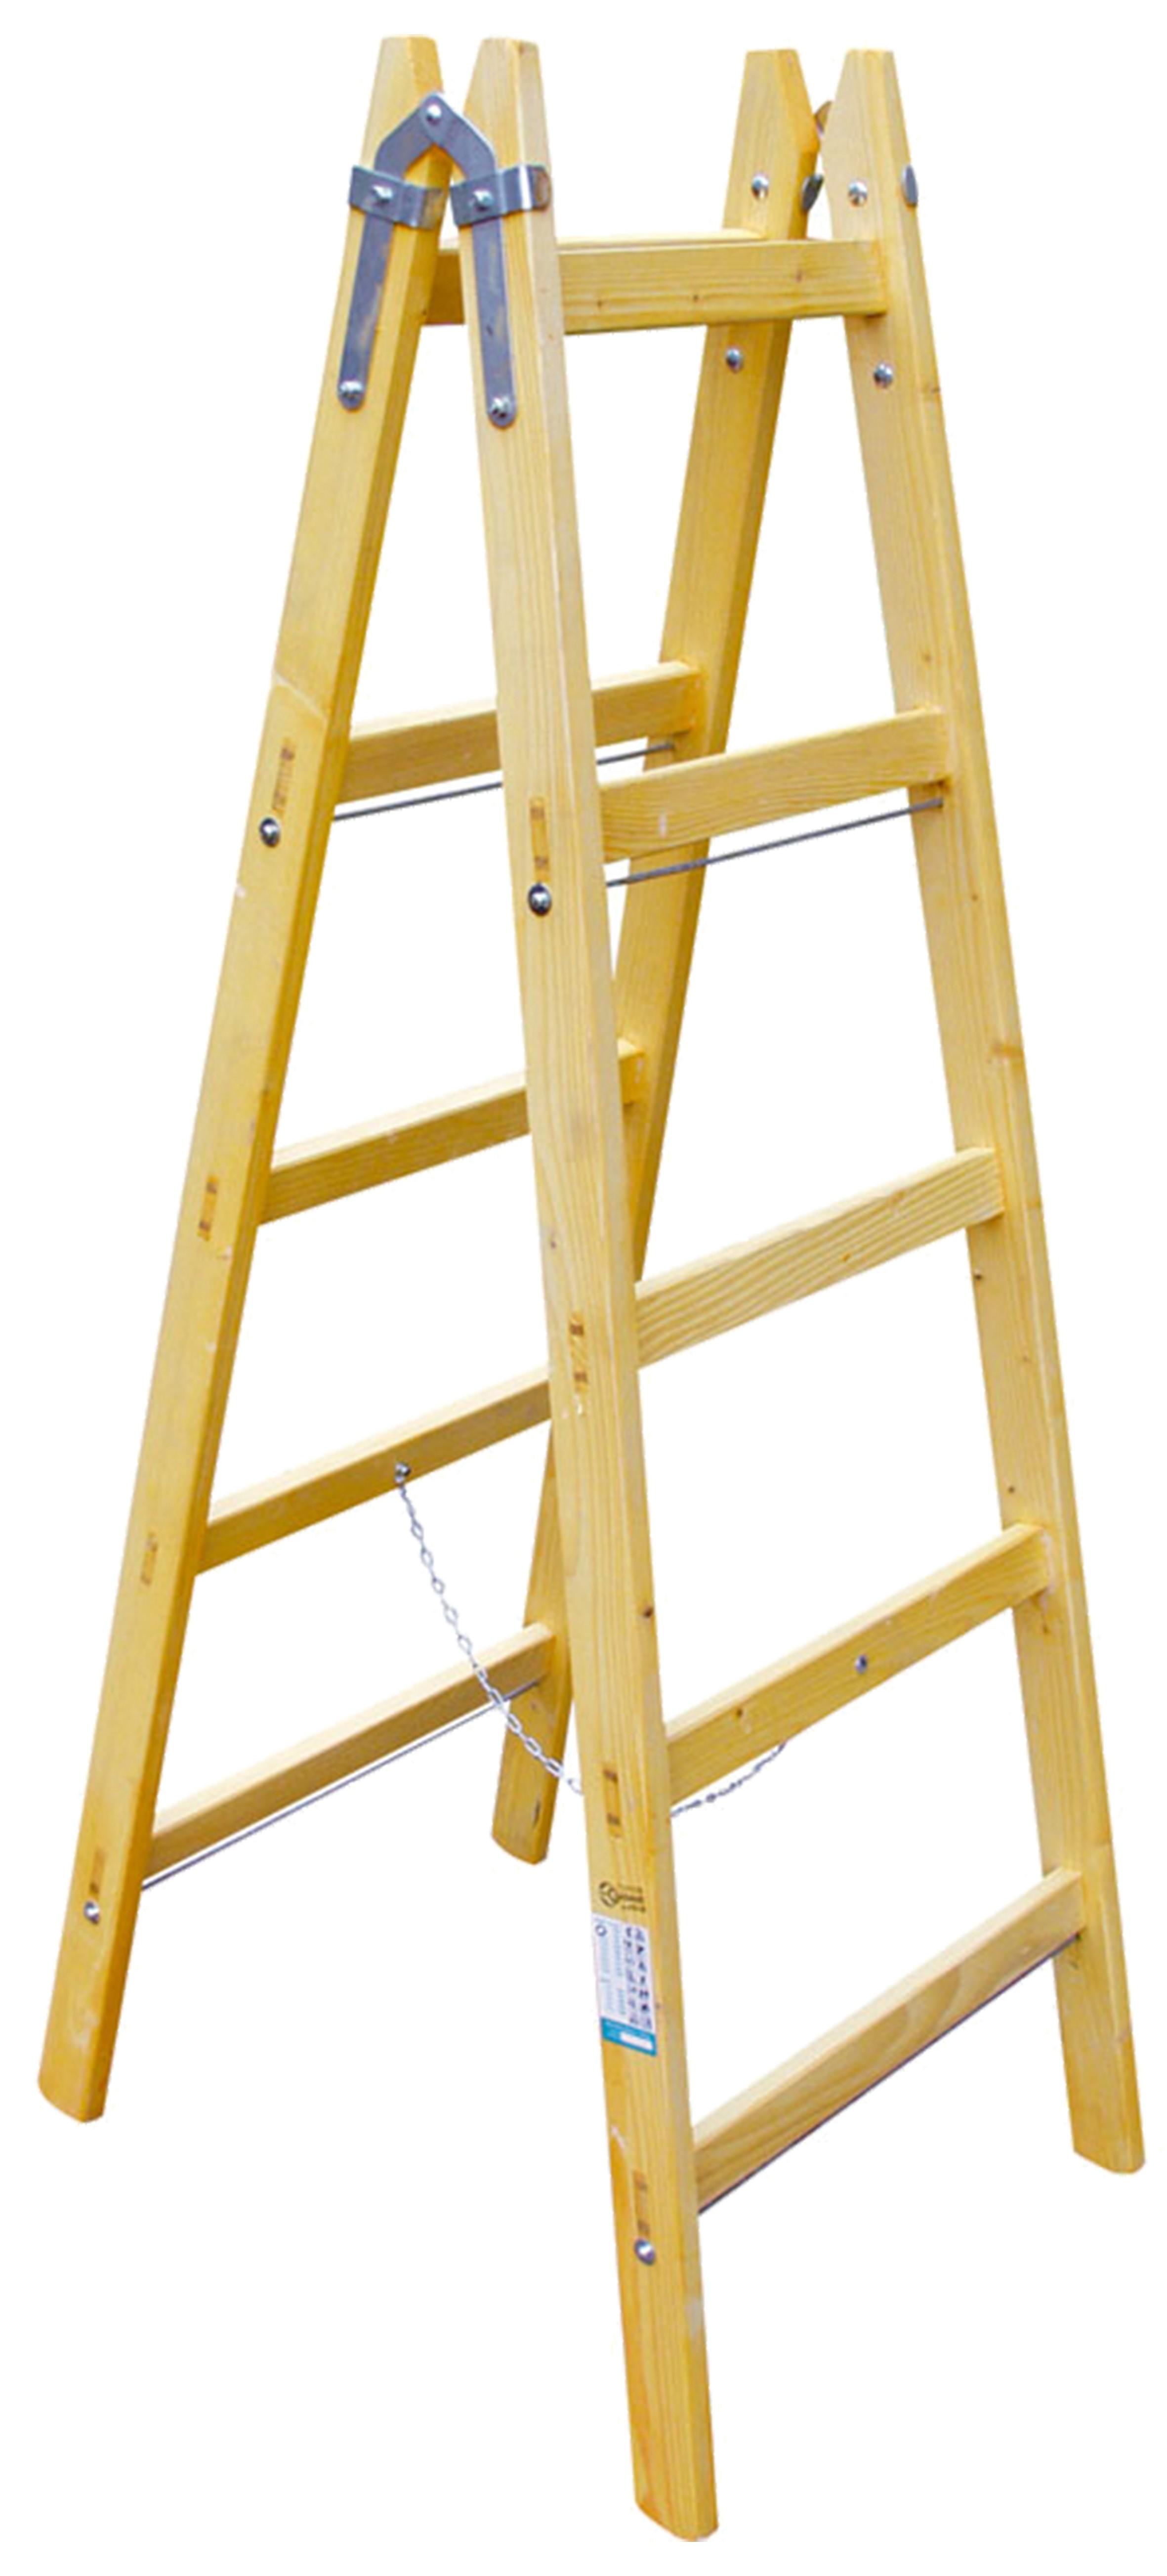 Štafle dřevěné technické PROFI